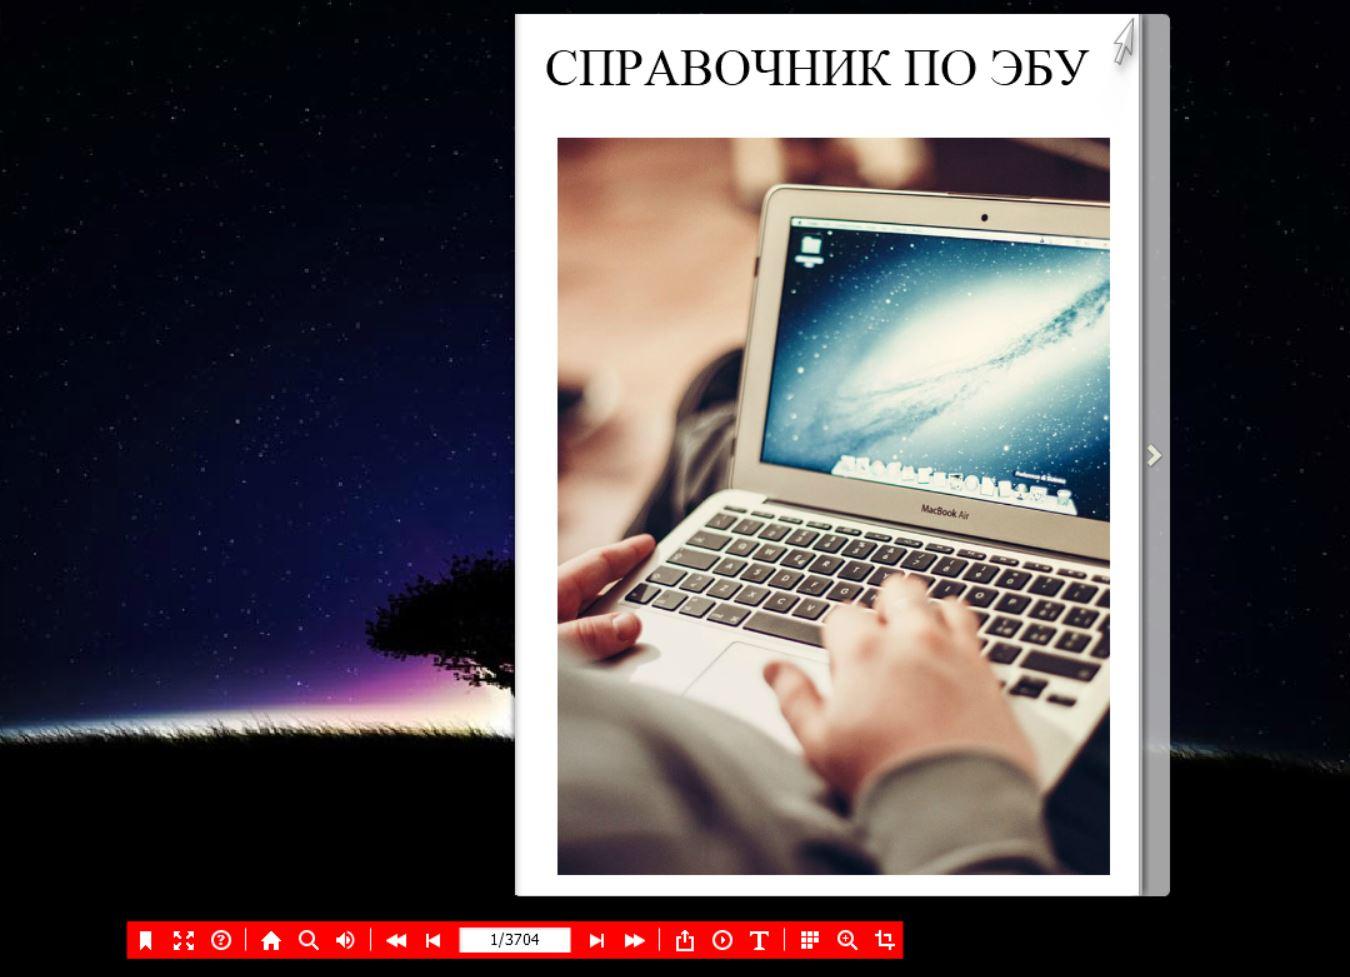 Интерактивный большой справочник по подключению к ЭБУ (3700 страниц!)